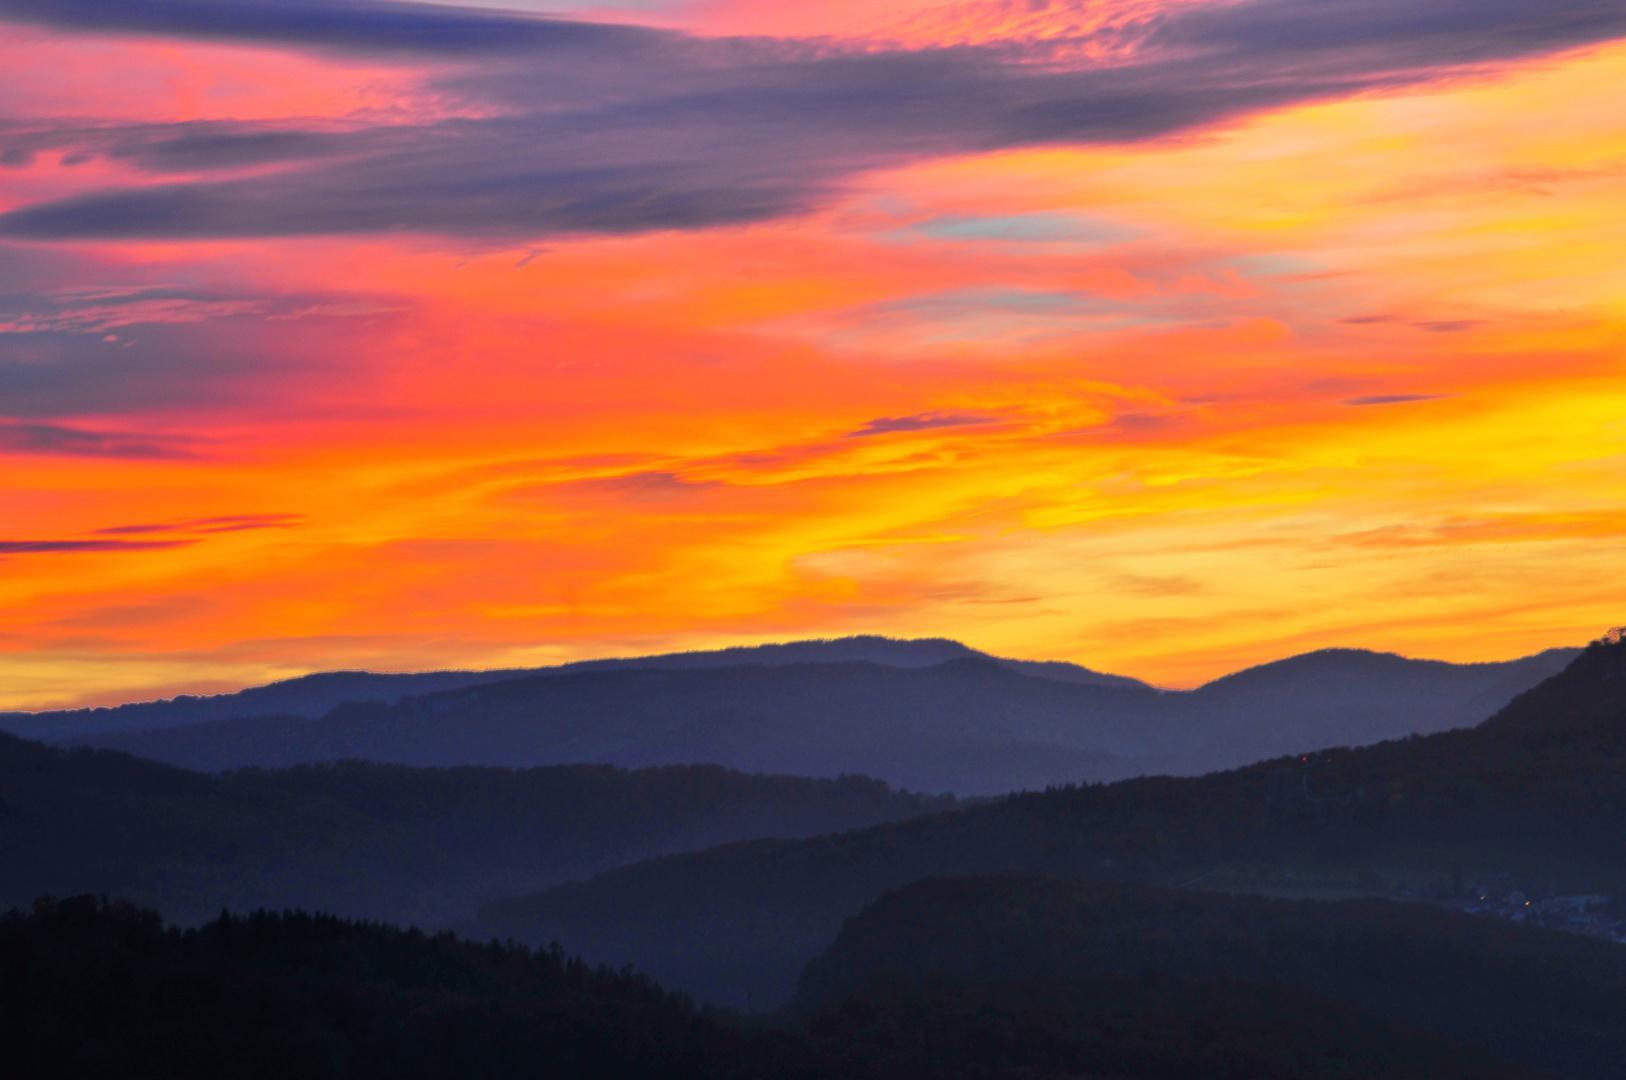 Sonnenuntergang aufgenommen von der Ruine Dorneck Blickrichtung Ettingen